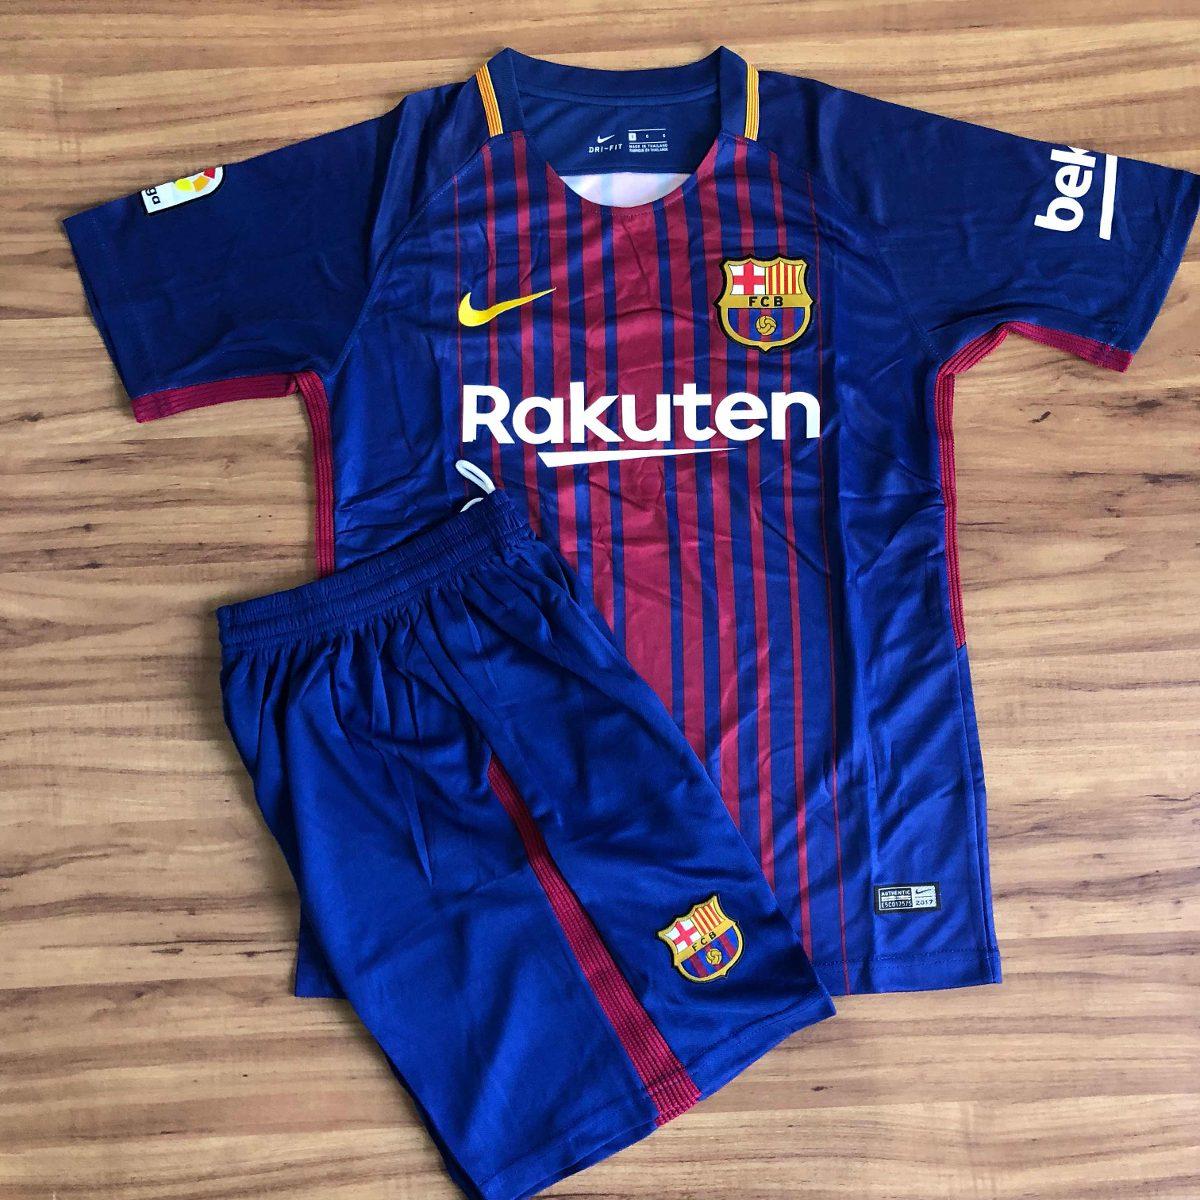 conjunto de times europeus camisa e short adidas nike puma. Carregando zoom. 53fd7ecfbc10c